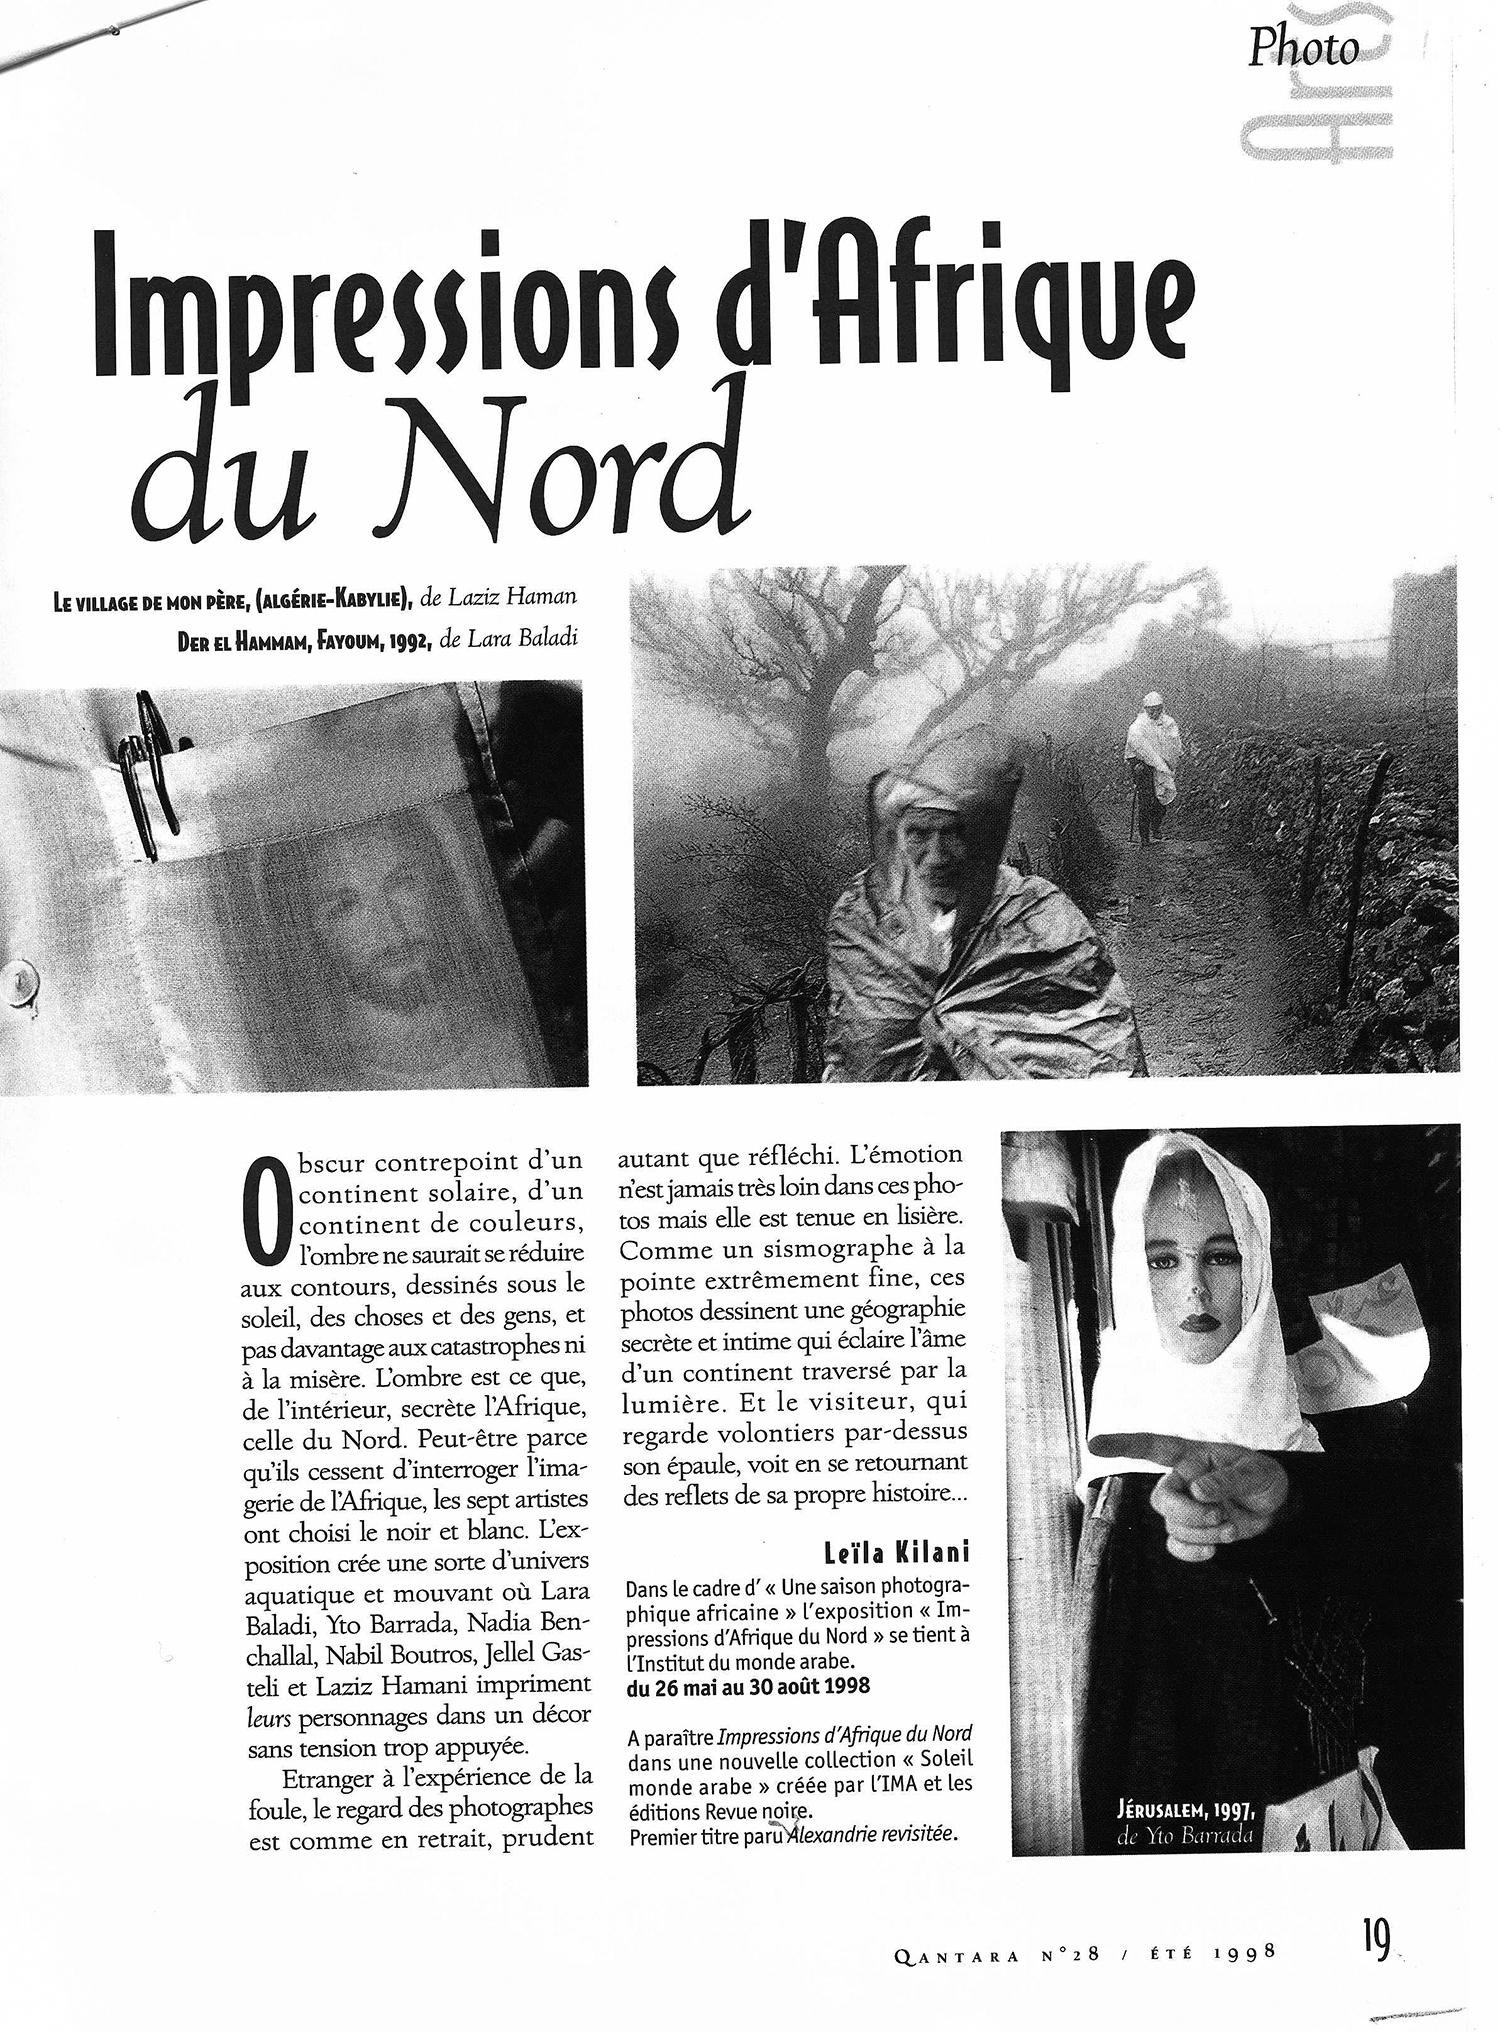 REVUE NOIRE revue de presse: Qantara juin 1998 par Leïla Kilani. Impressions d'Afrique du Nord, exposition à l'IMA et livre Revue Noire